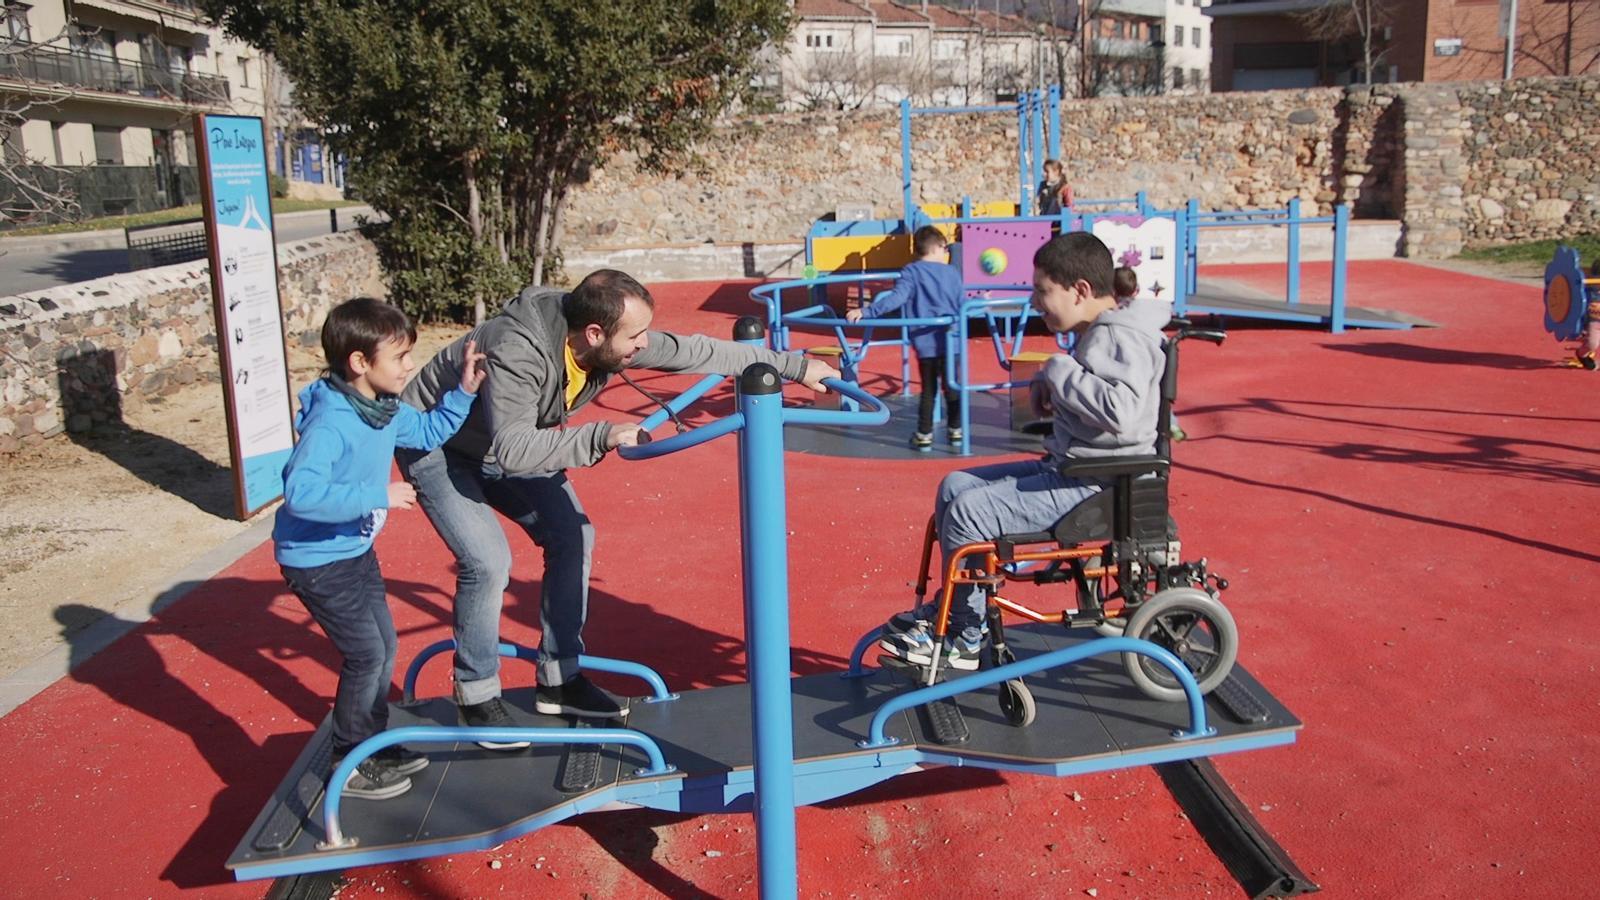 Només l'1% de les àrees de joc de Barcelona són accessibles als nens amb discapacitat